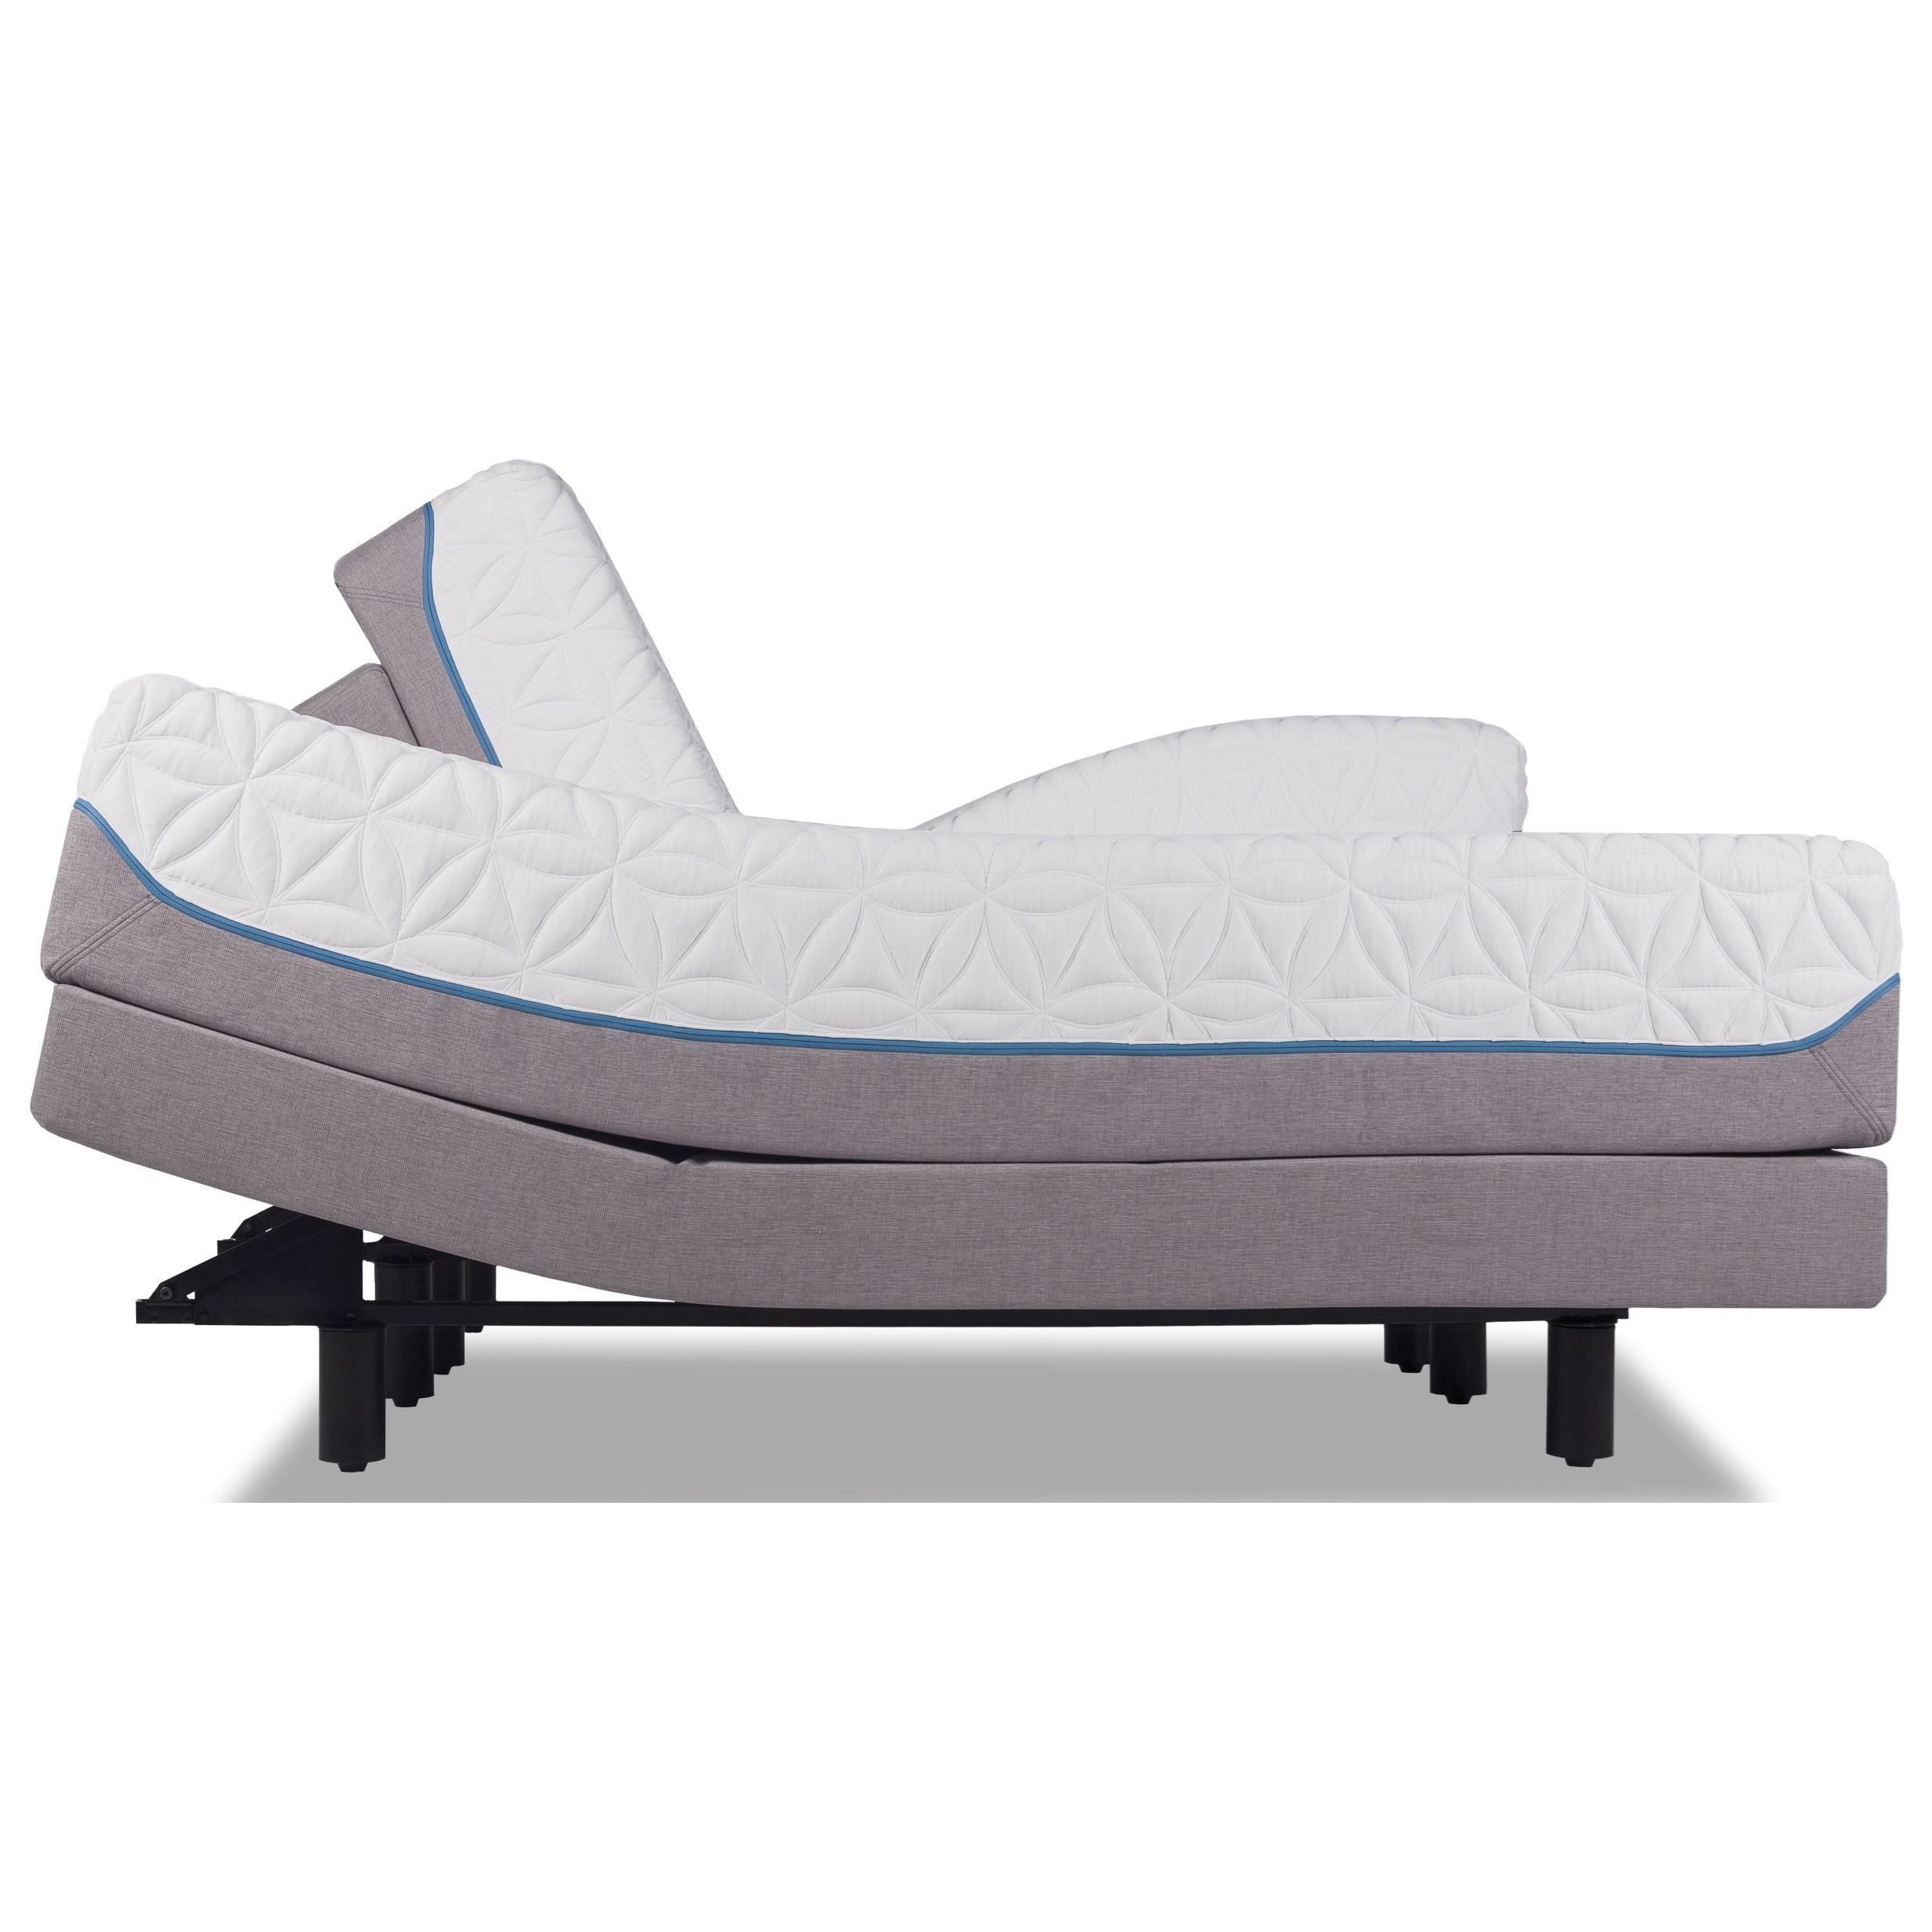 Tempur-Pedic® TEMPUR-Cloud Luxe Twin XL Ultra-Soft Mattress Set - Item Number: 10245220+25565220